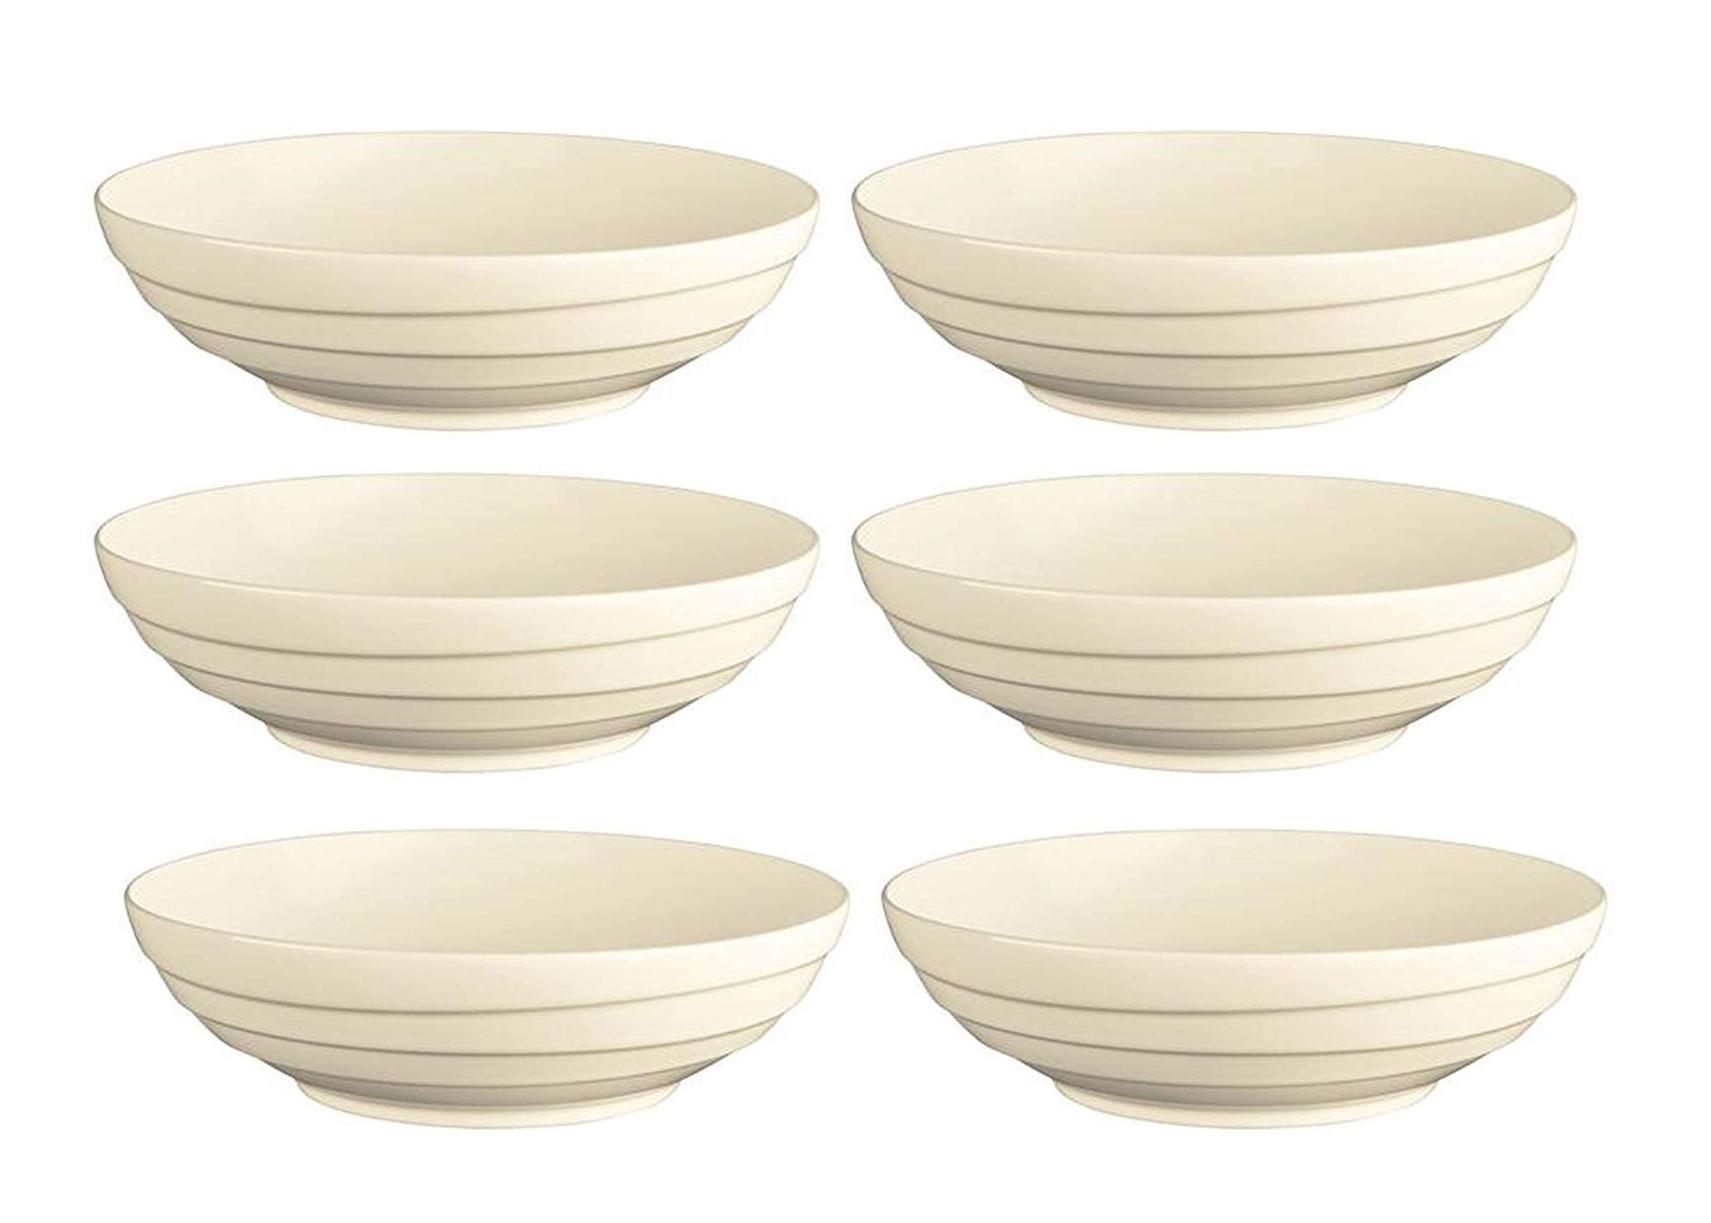 6x Jamie Oliver Waves Set mit großen runden Schalen - 21 cm - weiß - modernes Keramik-Porzellan